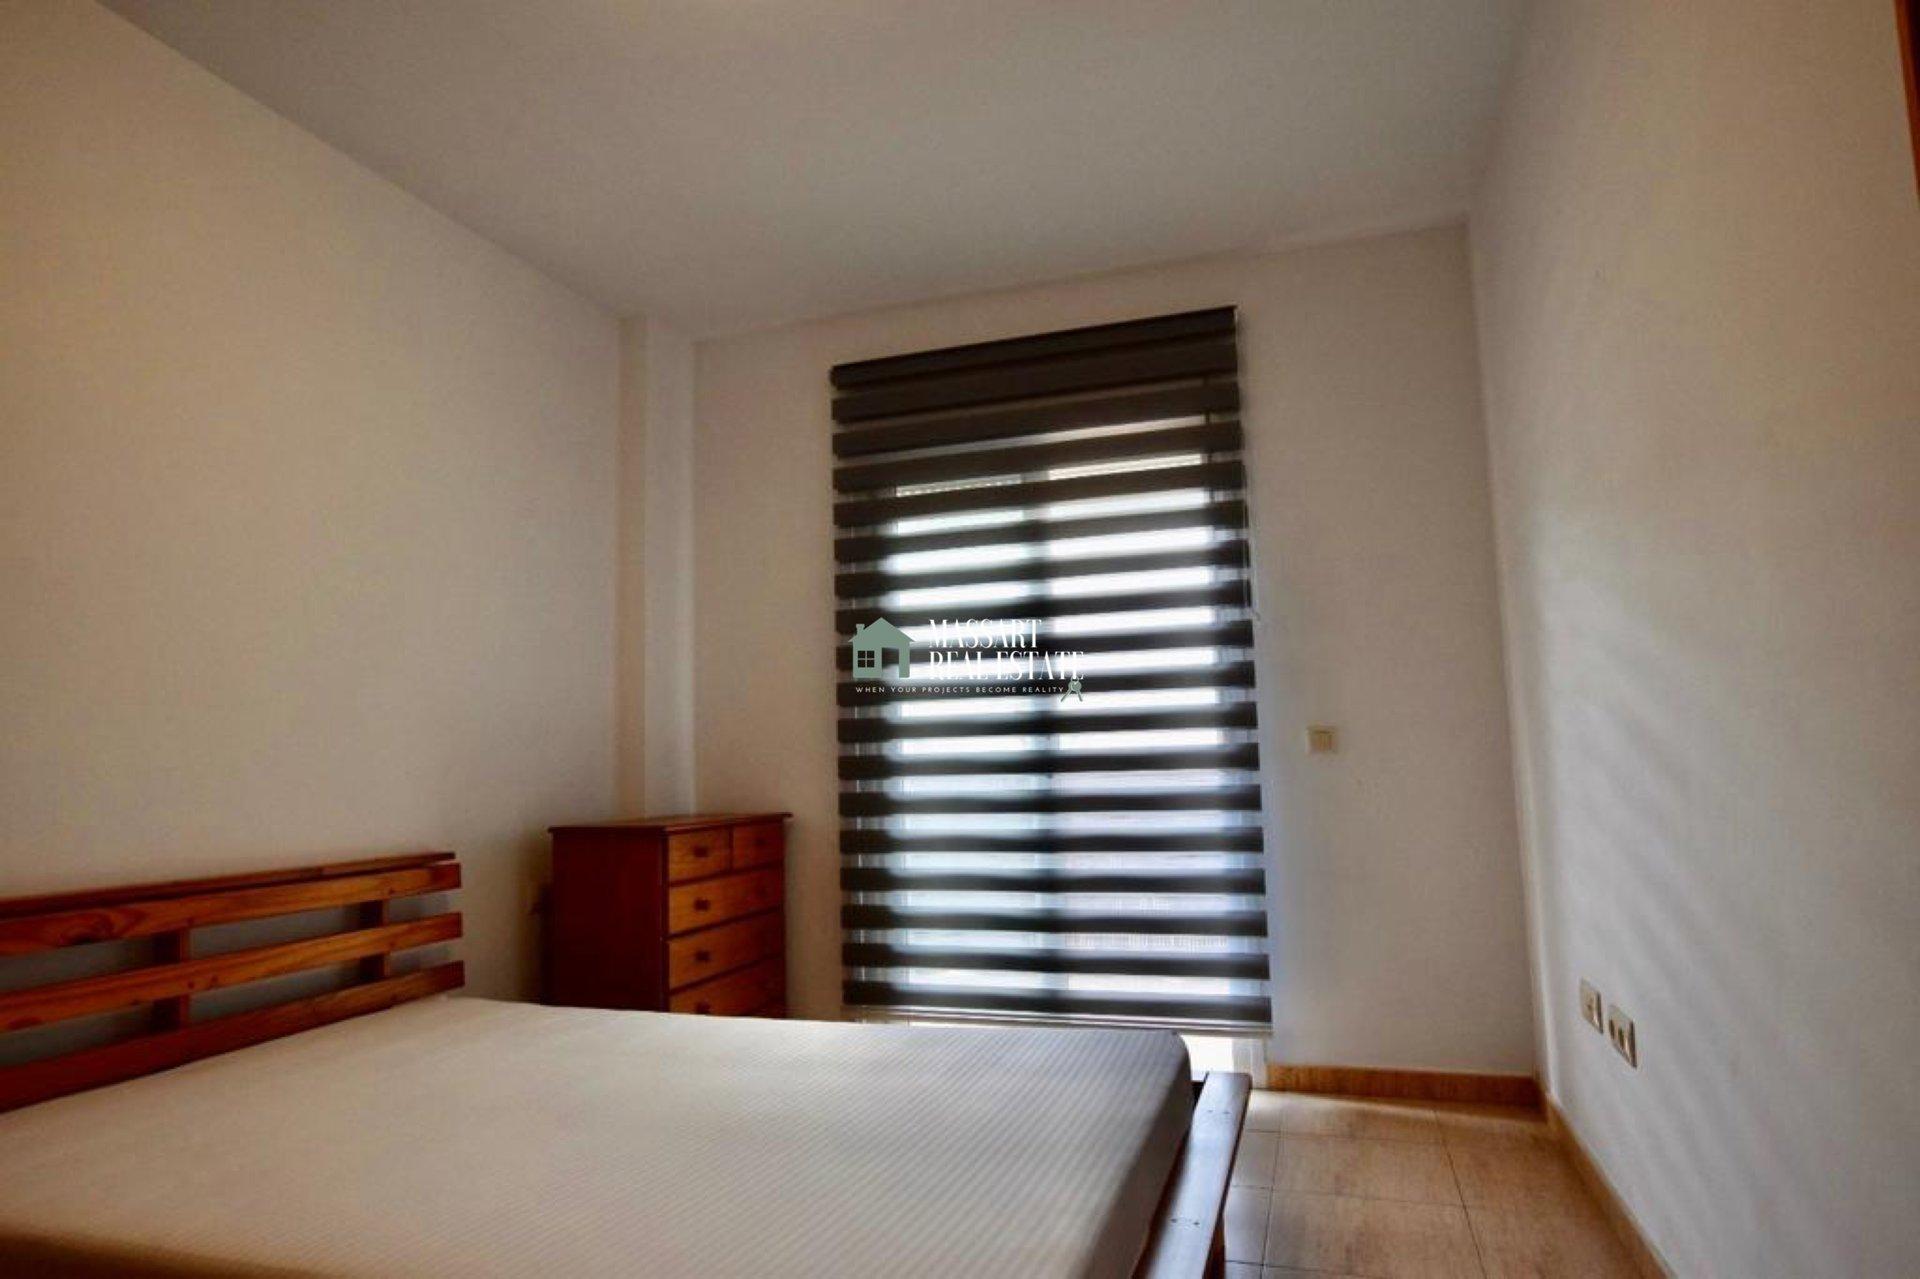 Zu vermieten im Zentrum von Adeje, in der beliebten Gegend von El Galeón, eine helle Wohnung von ca. 60 m2, die sich durch zwei wunderschöne Terrassen auszeichnet.